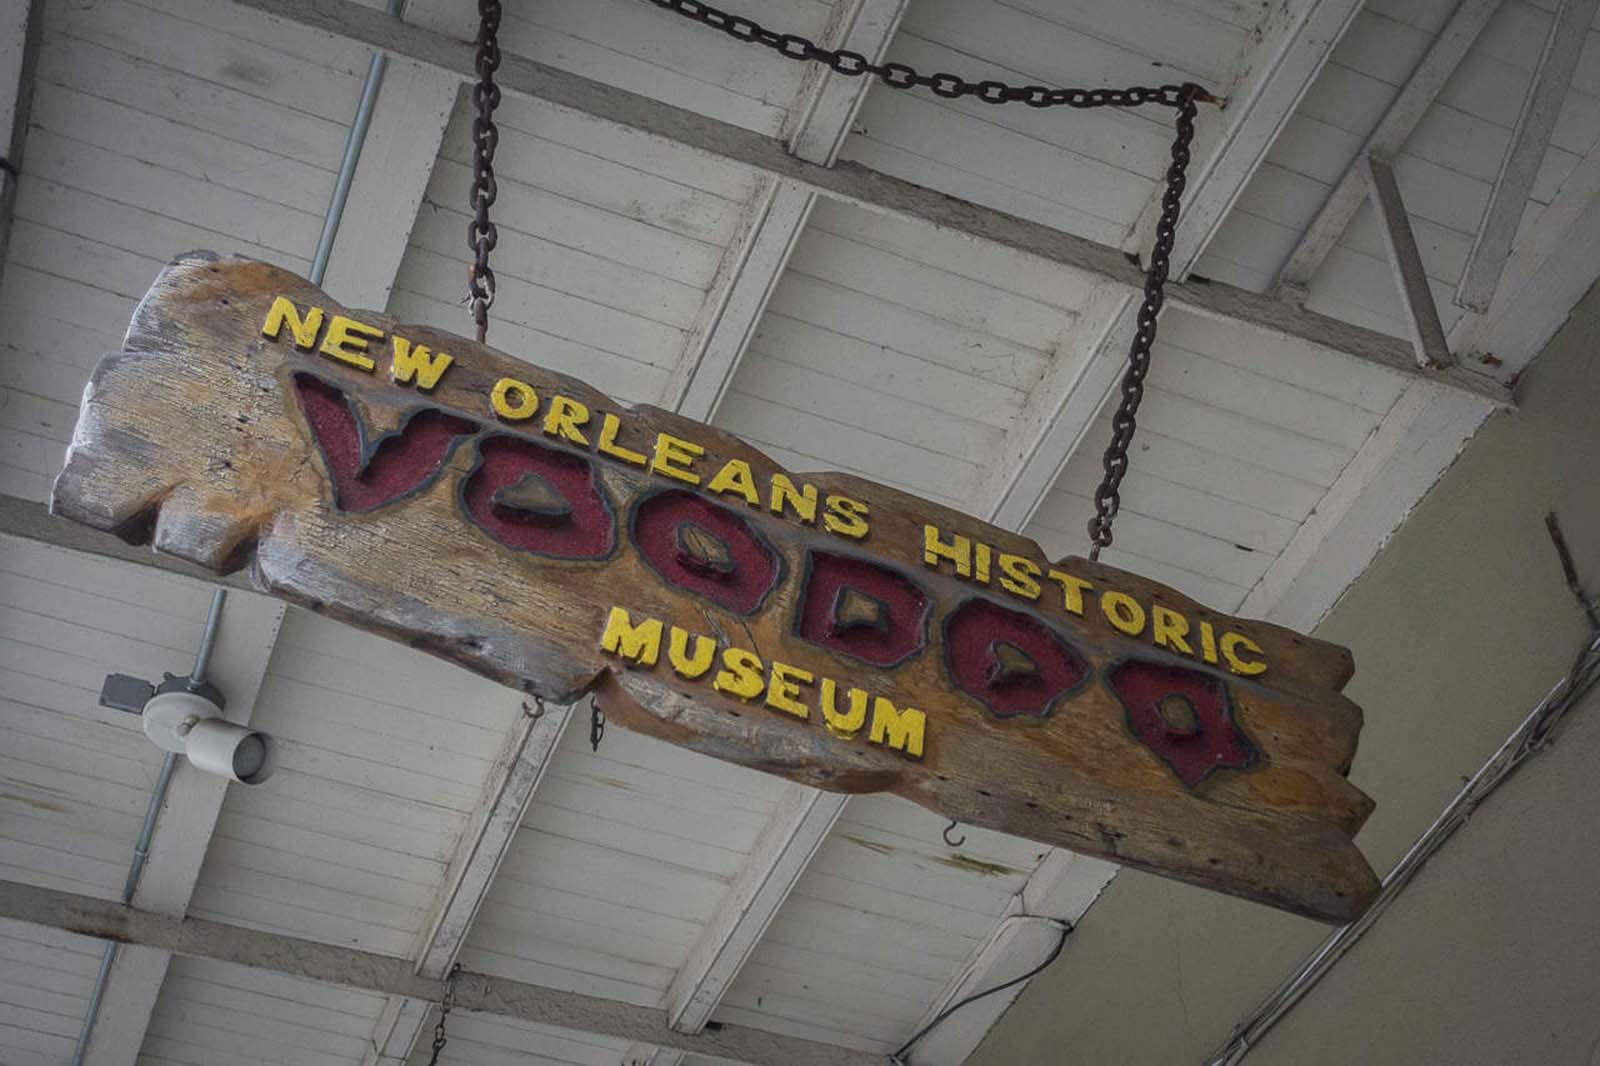 voodoo museum new orleans